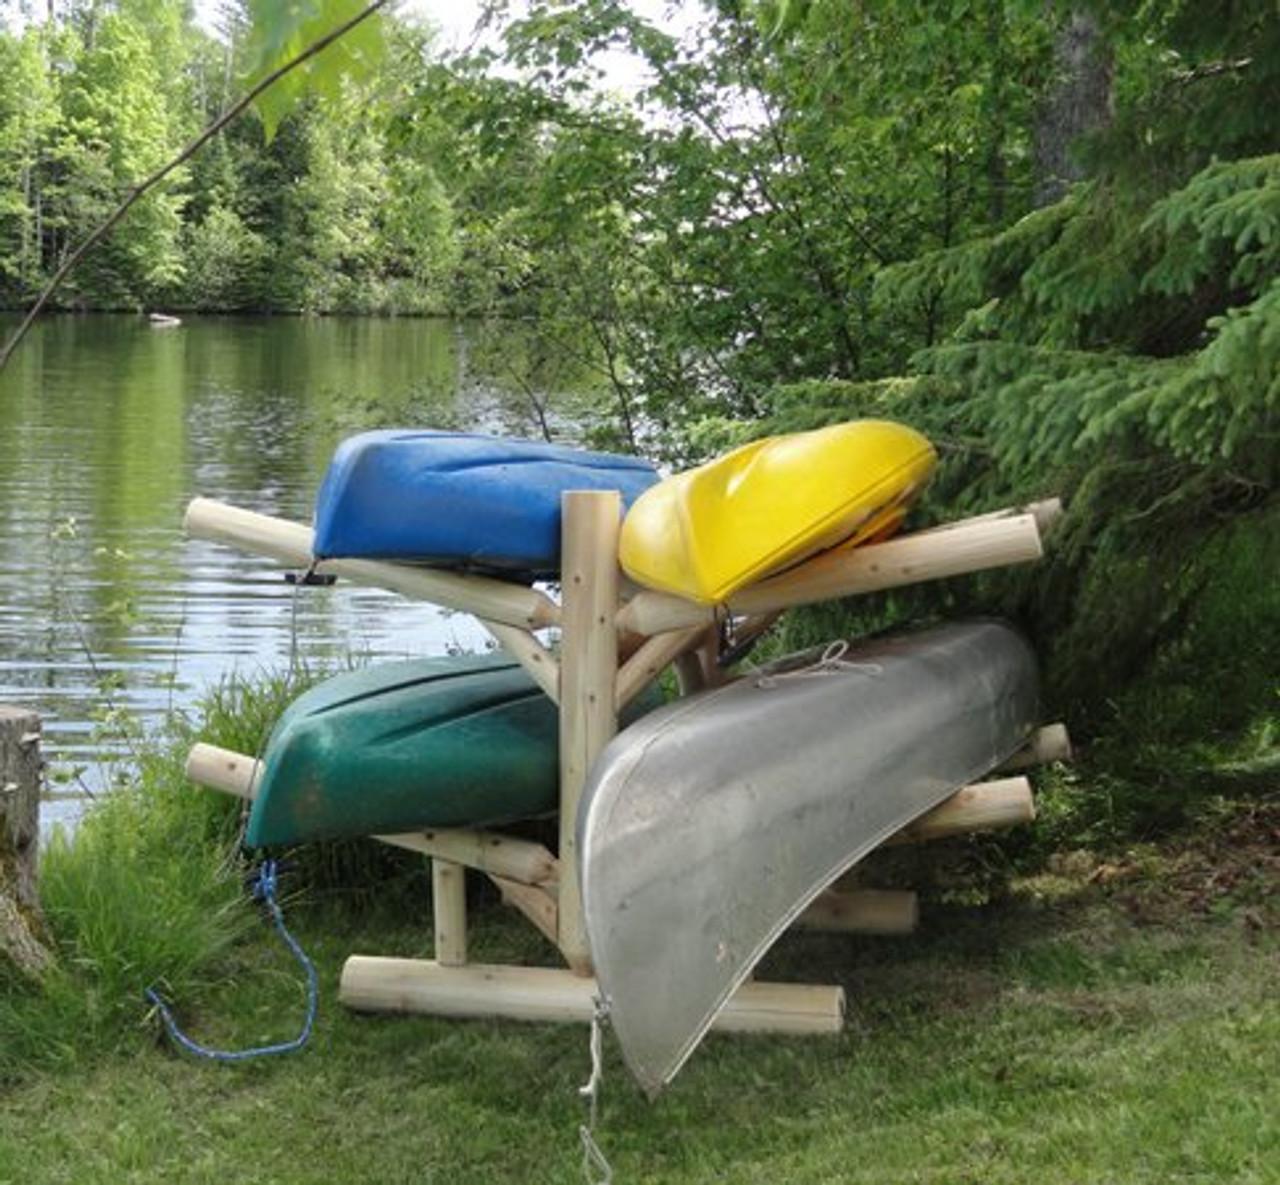 4 SUP And Kayak Storage Rack